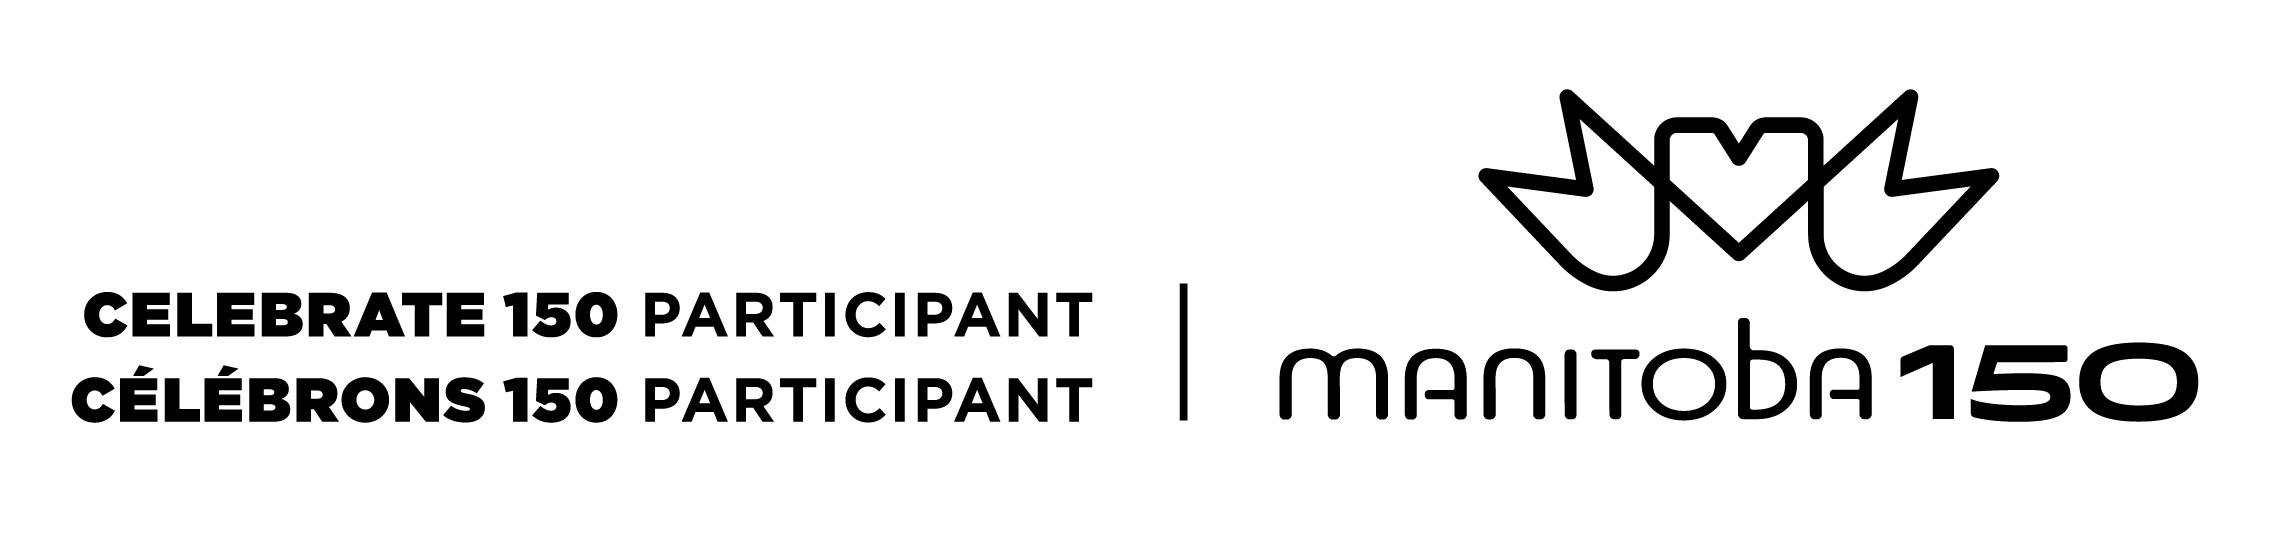 Manitoba 150 | Celebrate 150 Participant